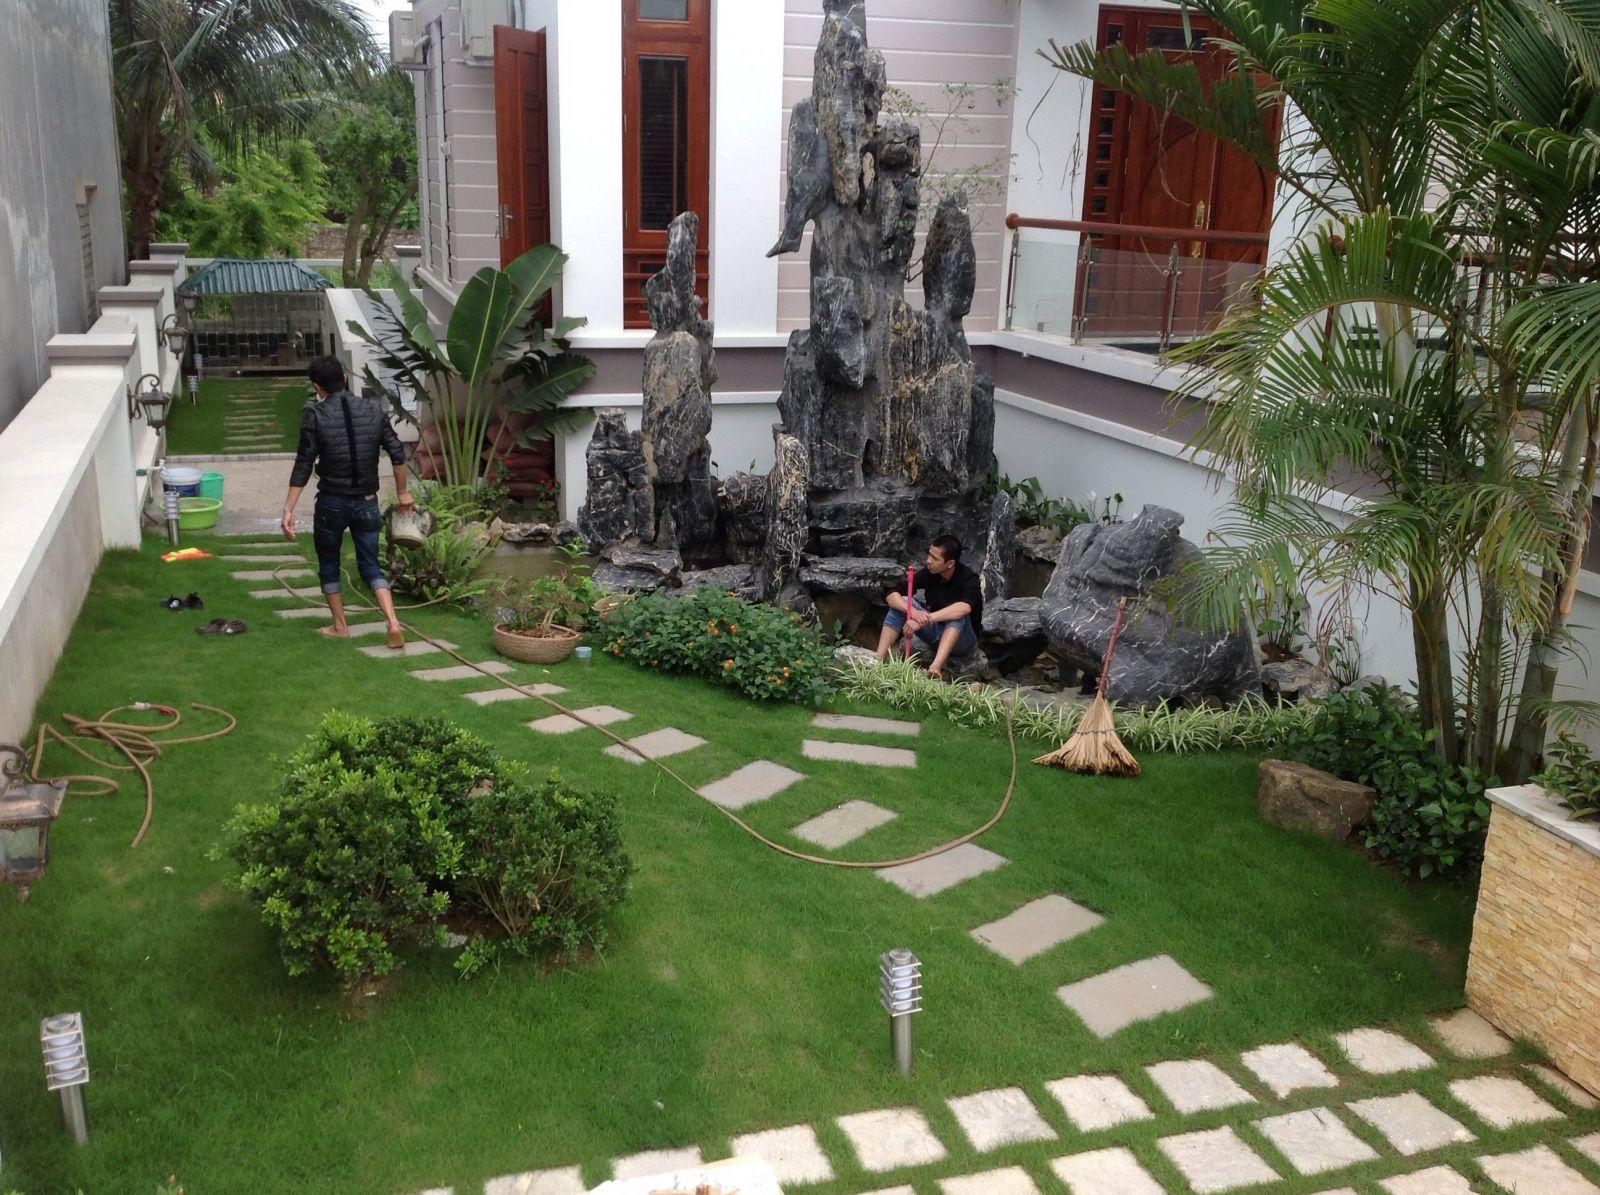 Chúng tôi chuyên thiết kế, thi công cảnh quan sân vườn biệt thự, resort, khu nghỉ dưỡng